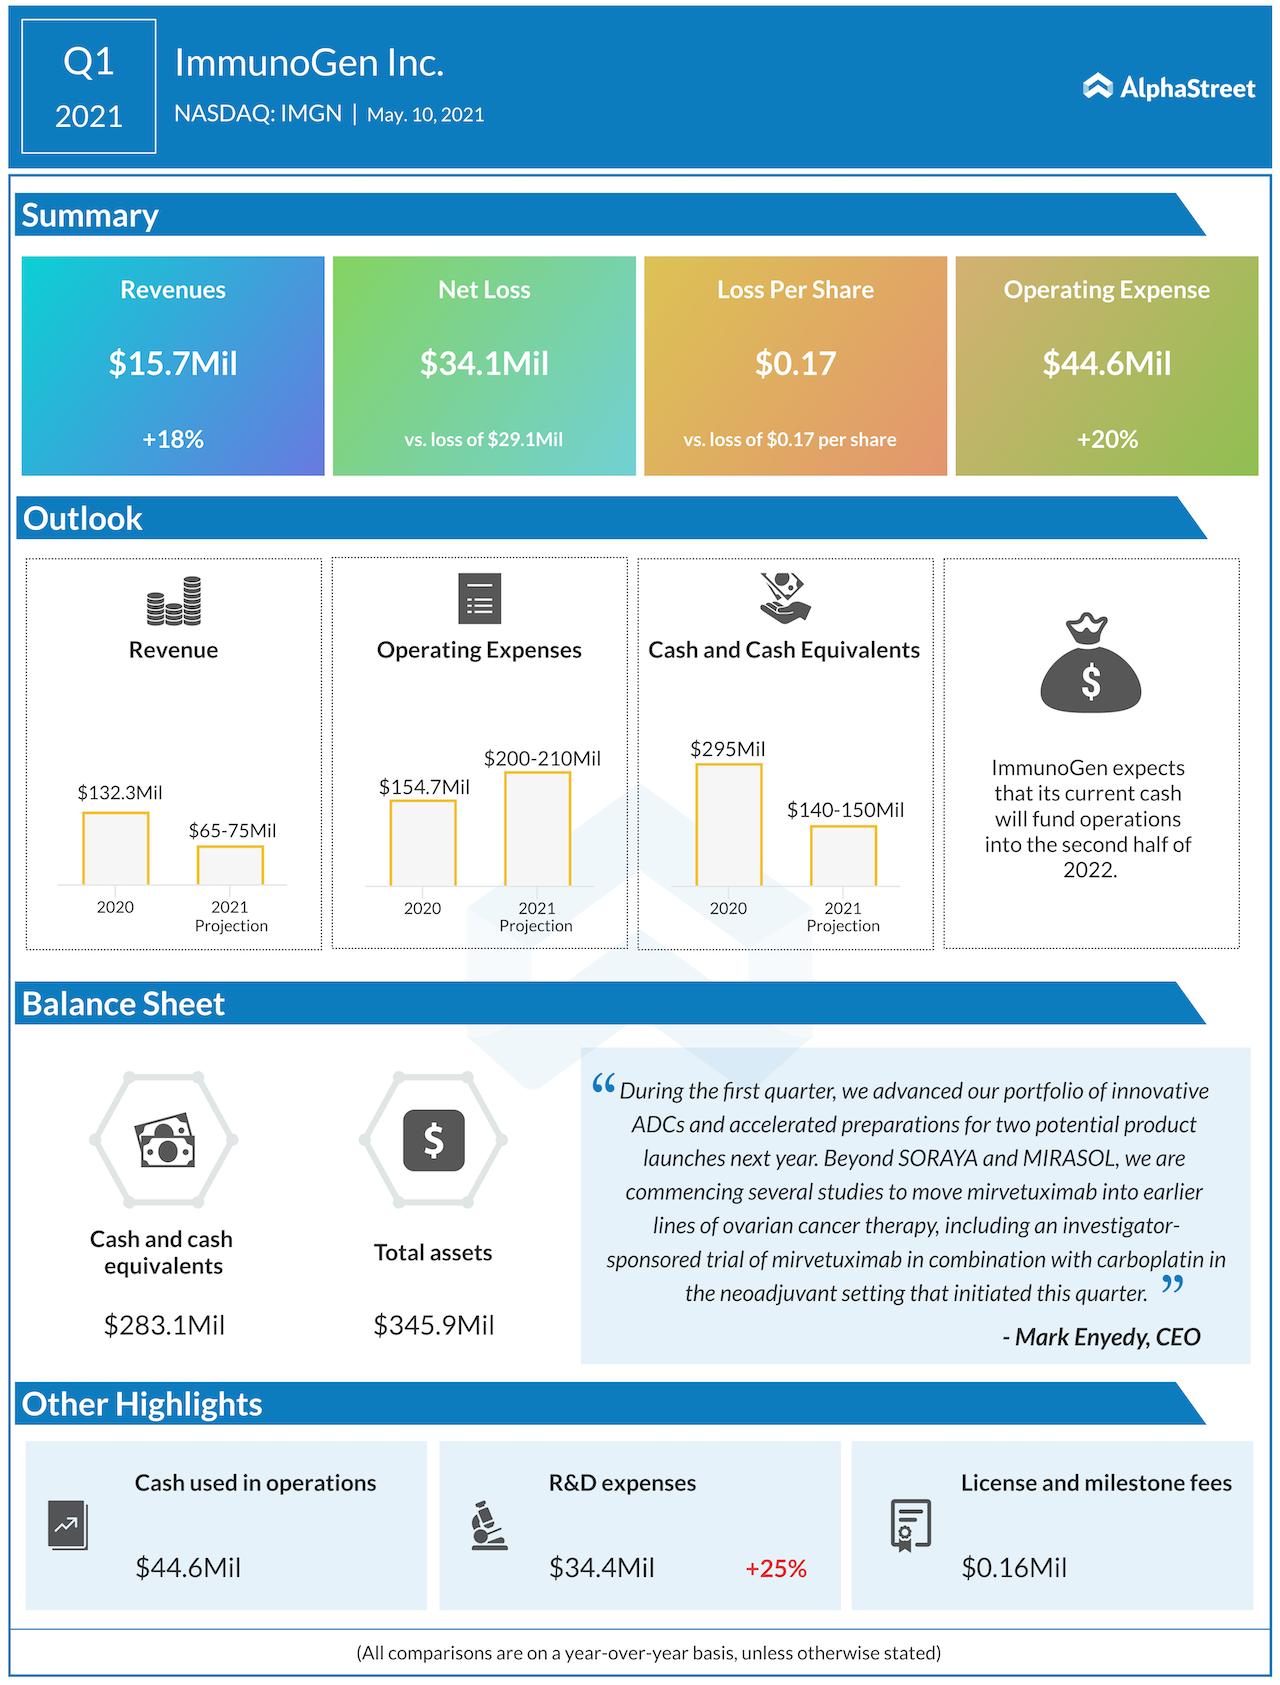 ImmunoGen Q1 2021 earnings